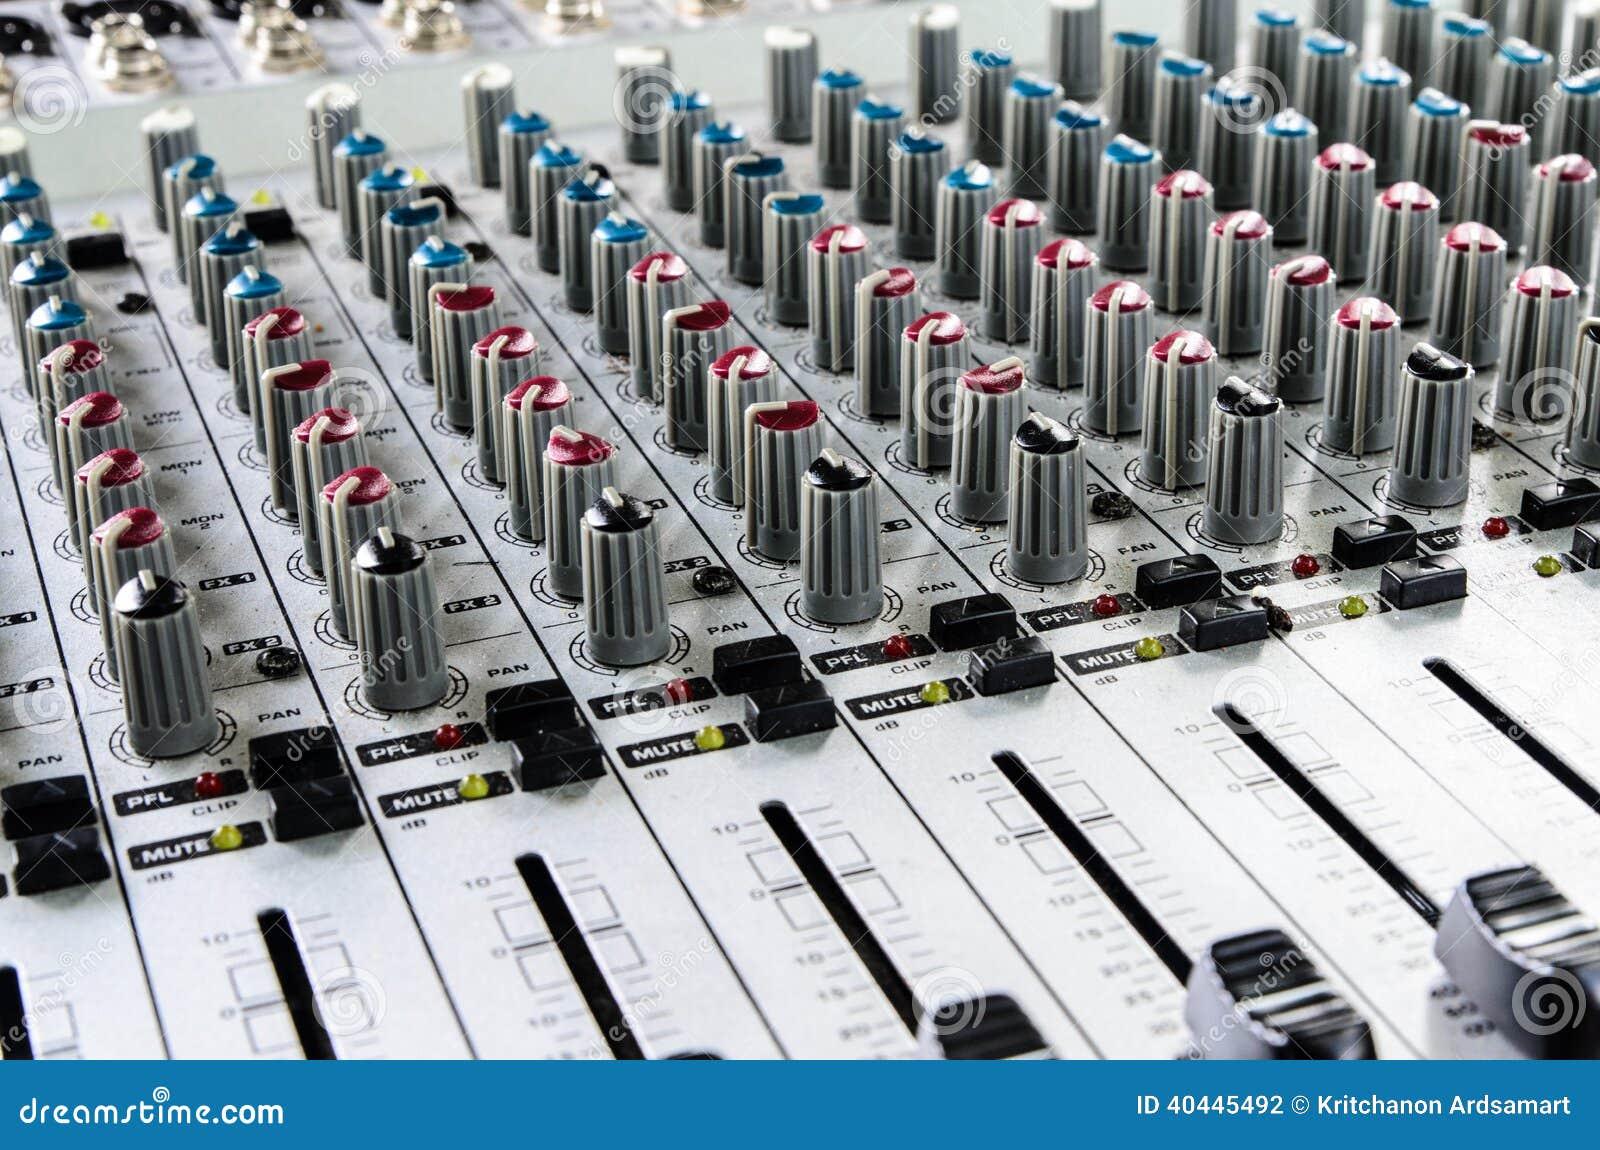 Sound mixer stock photo  Image of producer, digital, mixer - 40445492